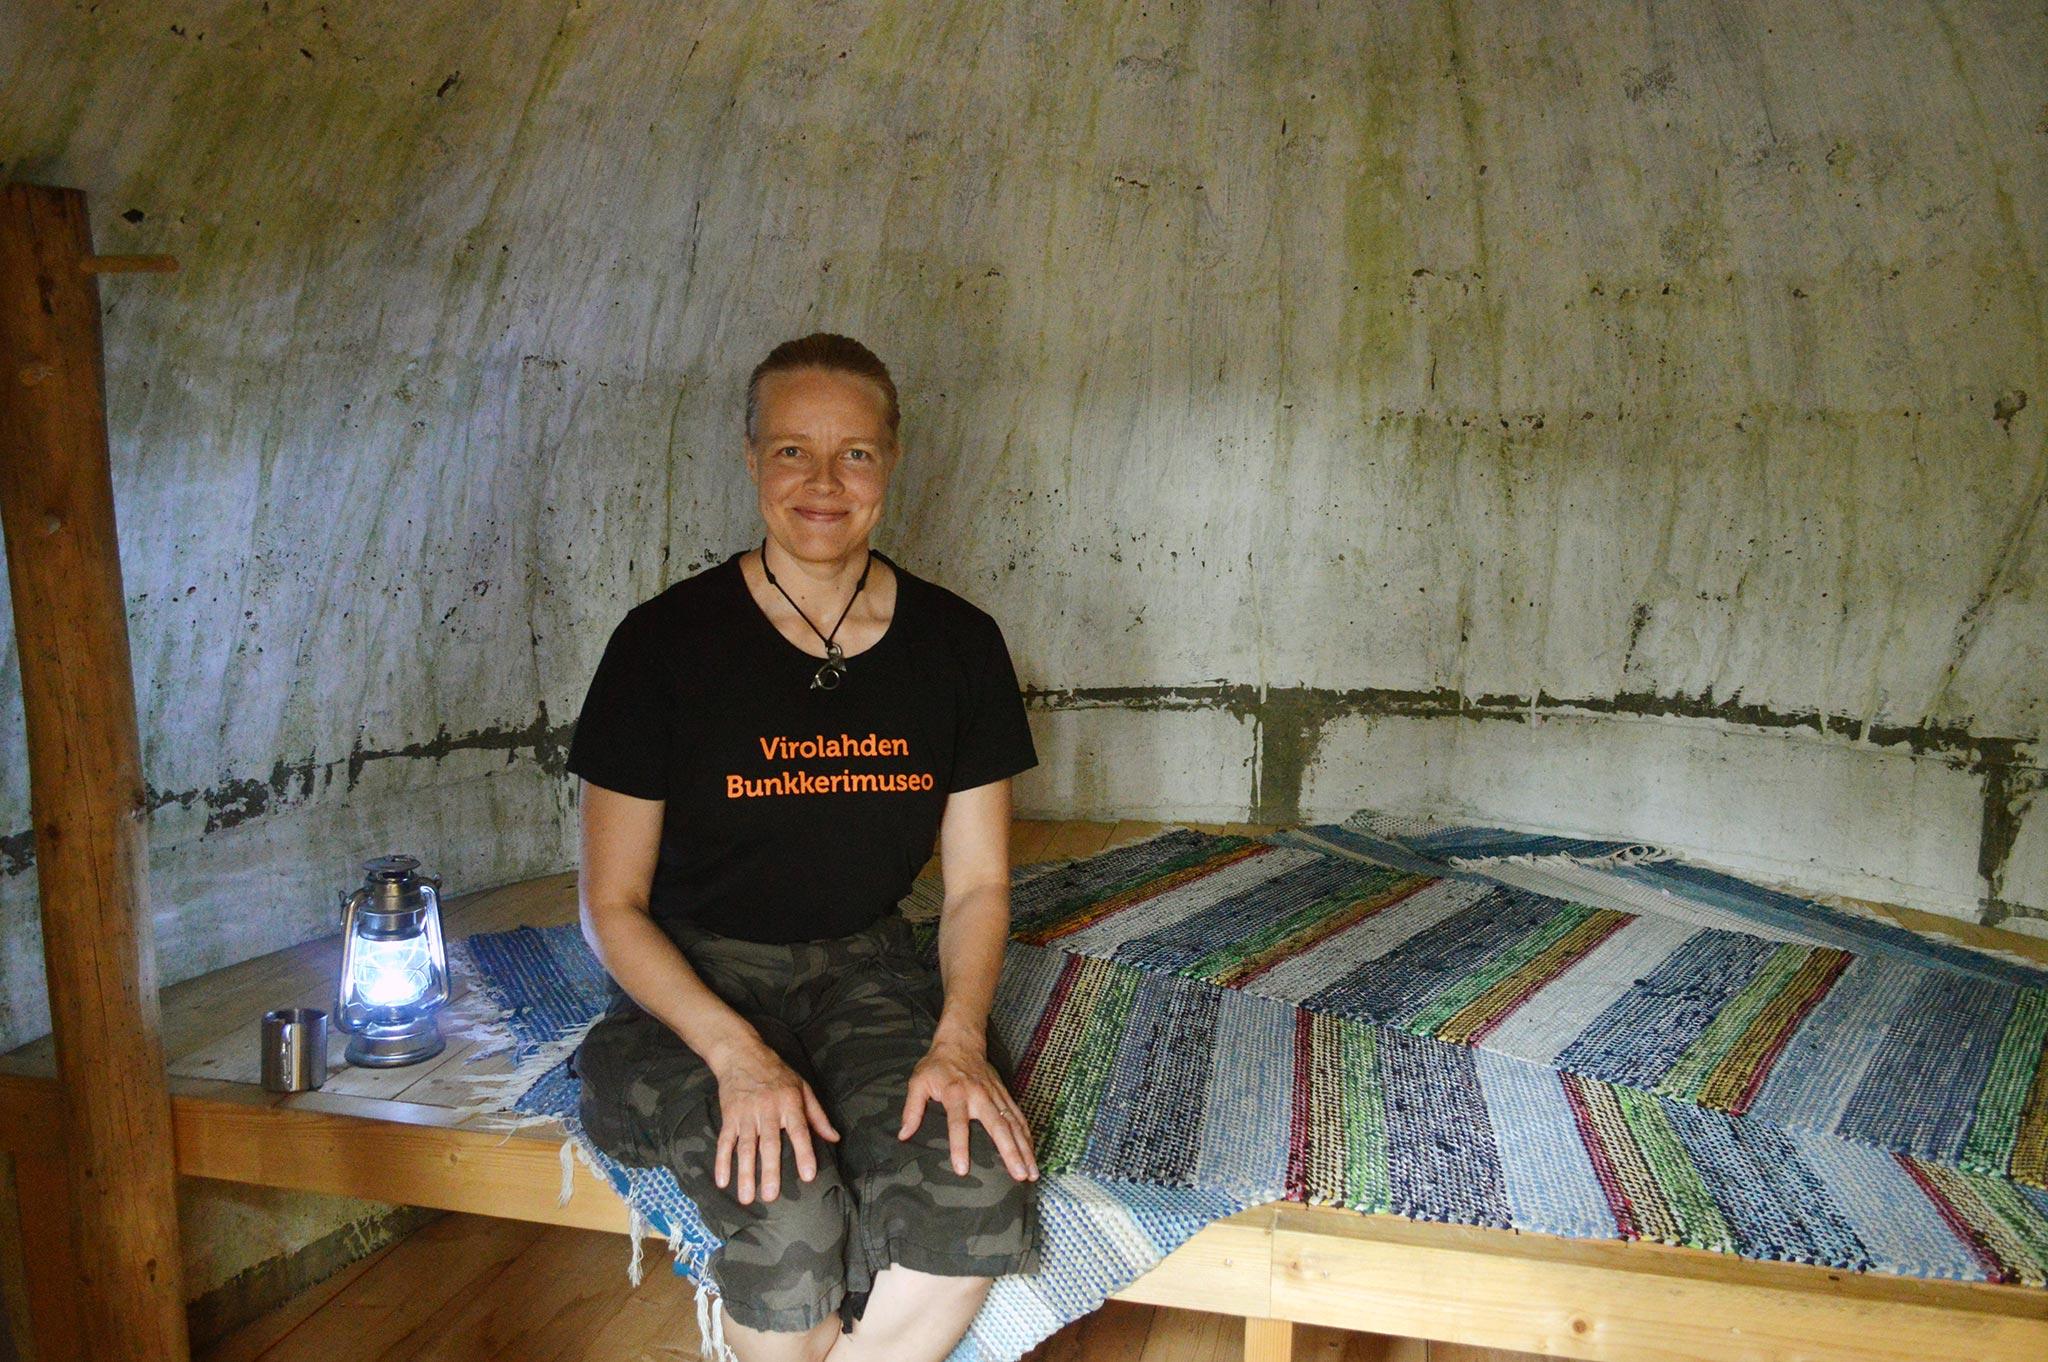 Virolahden Bunkkerimuseon opas Tiia Kimmo istuu pallokorsun puulaverin päällä.